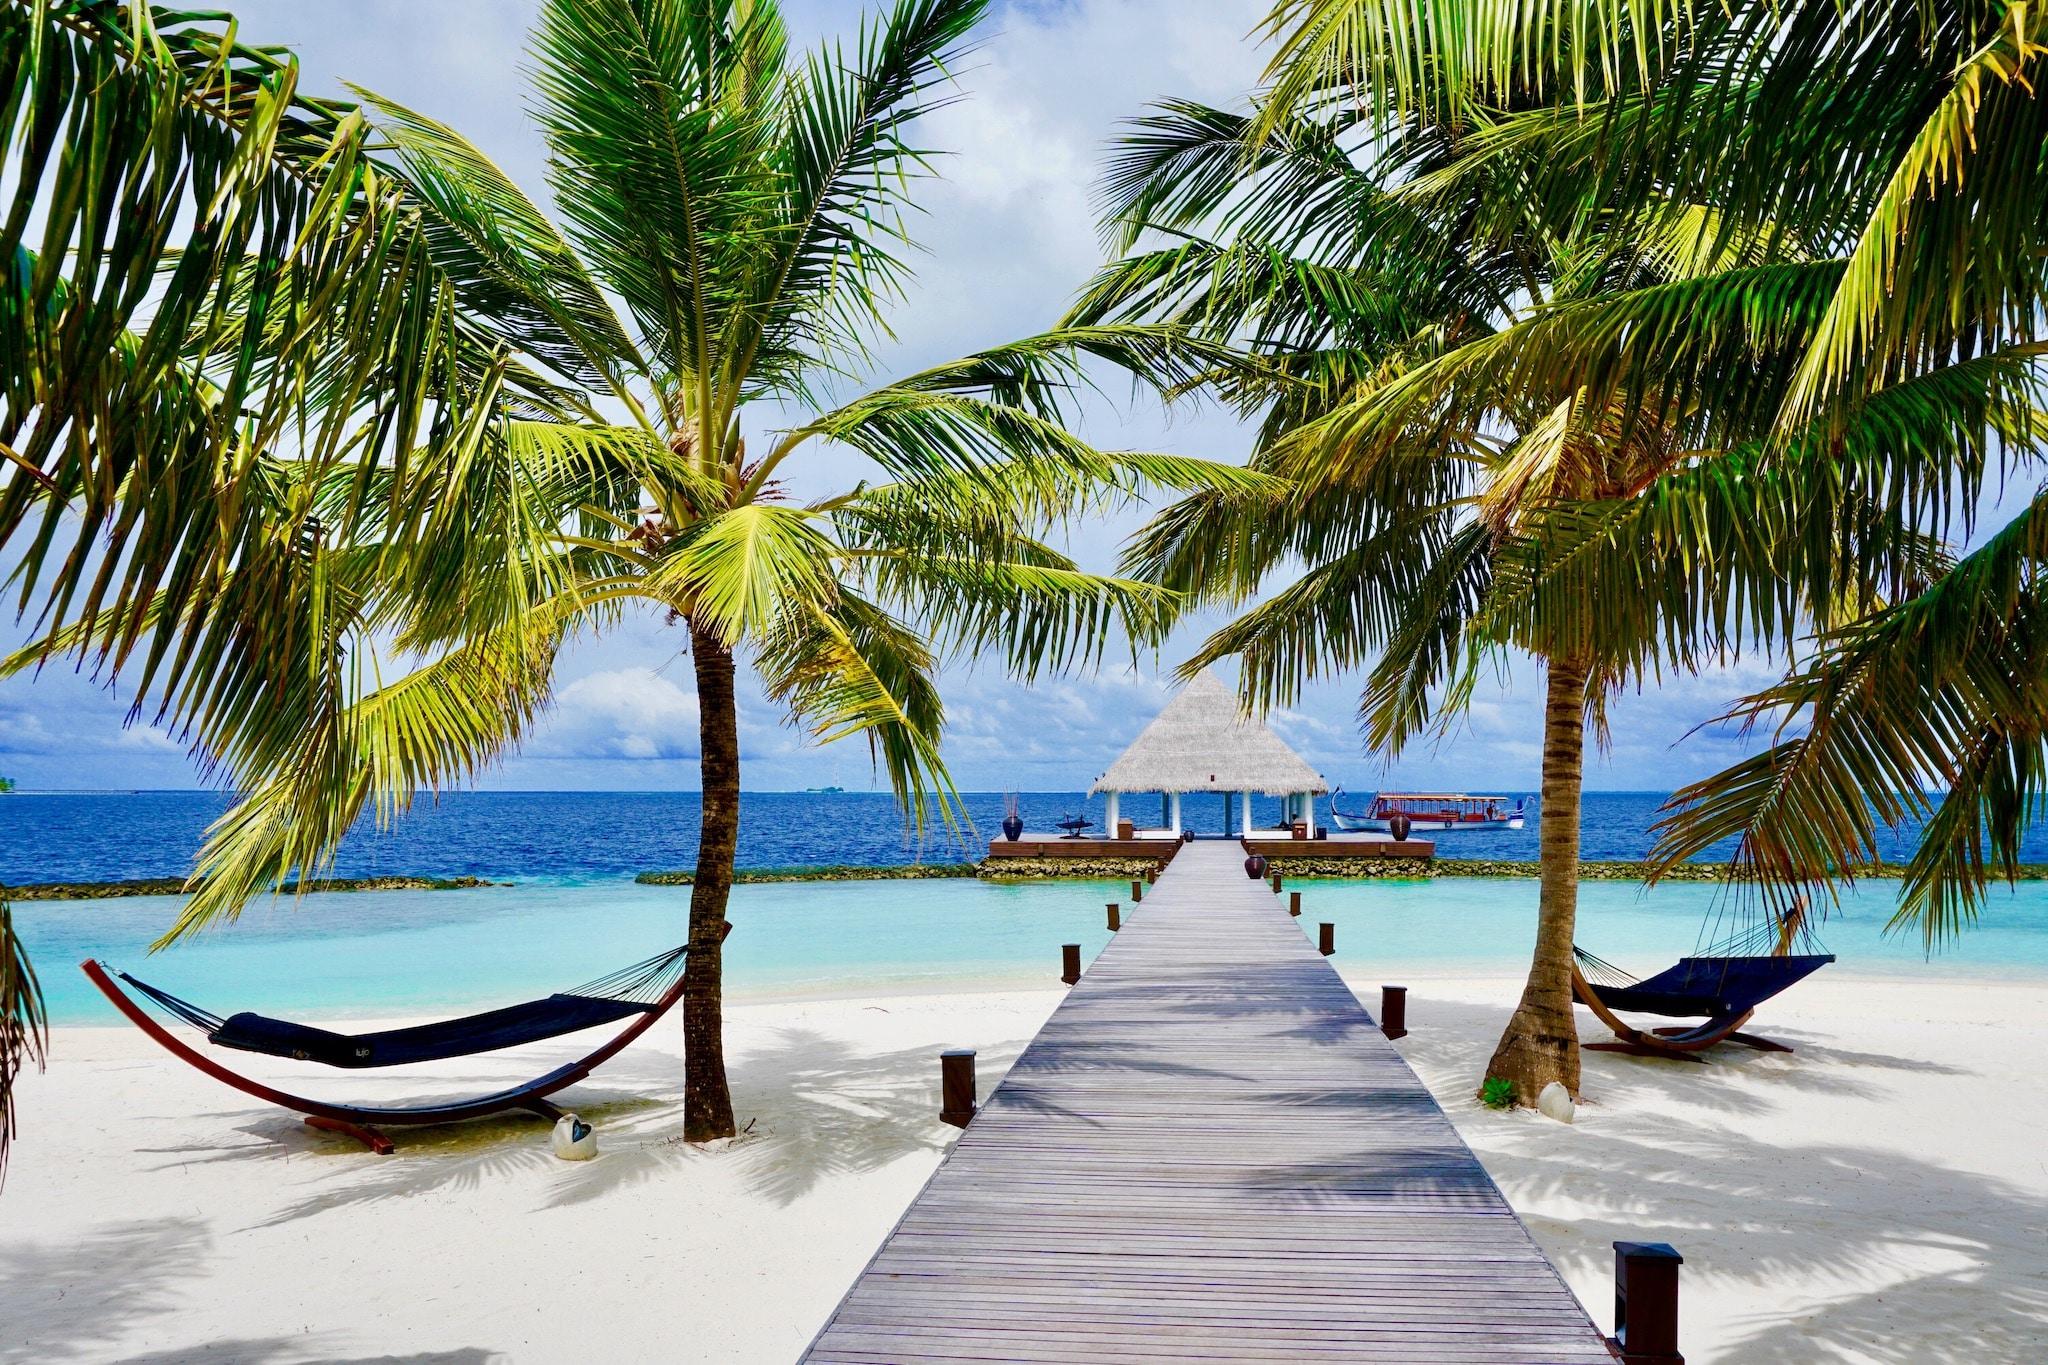 Reiseinformationen für die Malediven: Alle wichtigen Fakten rund um deinen Urlaub. Foto: Sascha Tegtmeyer Reisebericht Malediven Tipps